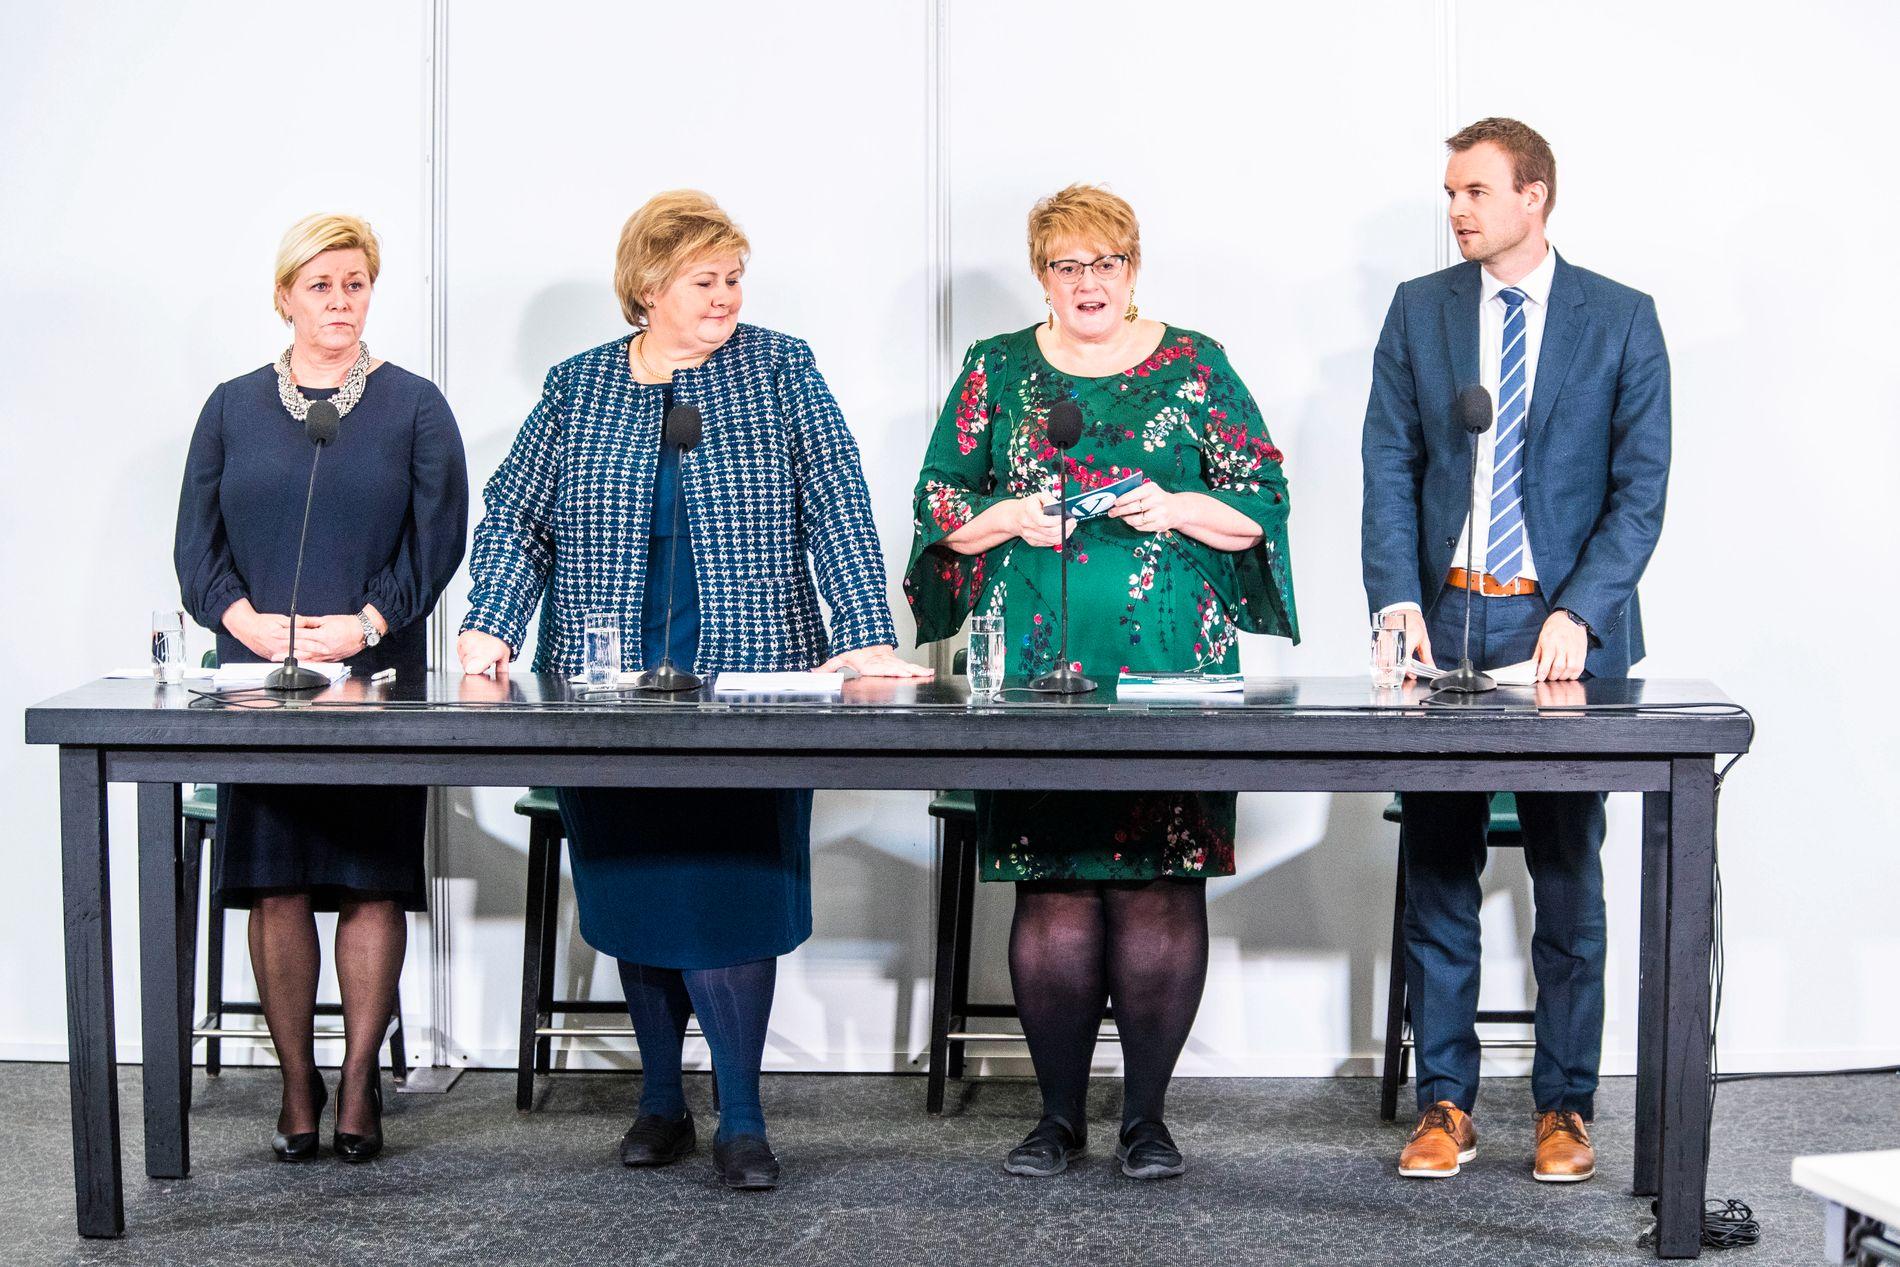 UTEN KRF: Frp-leder Siv Jensen, Venstre-leder Trine Skei Grande og Høyre-leder Erna Solberg var alle med på møtet med NSB i fjor. KrF var på det tidspunktet ikke i regjering.